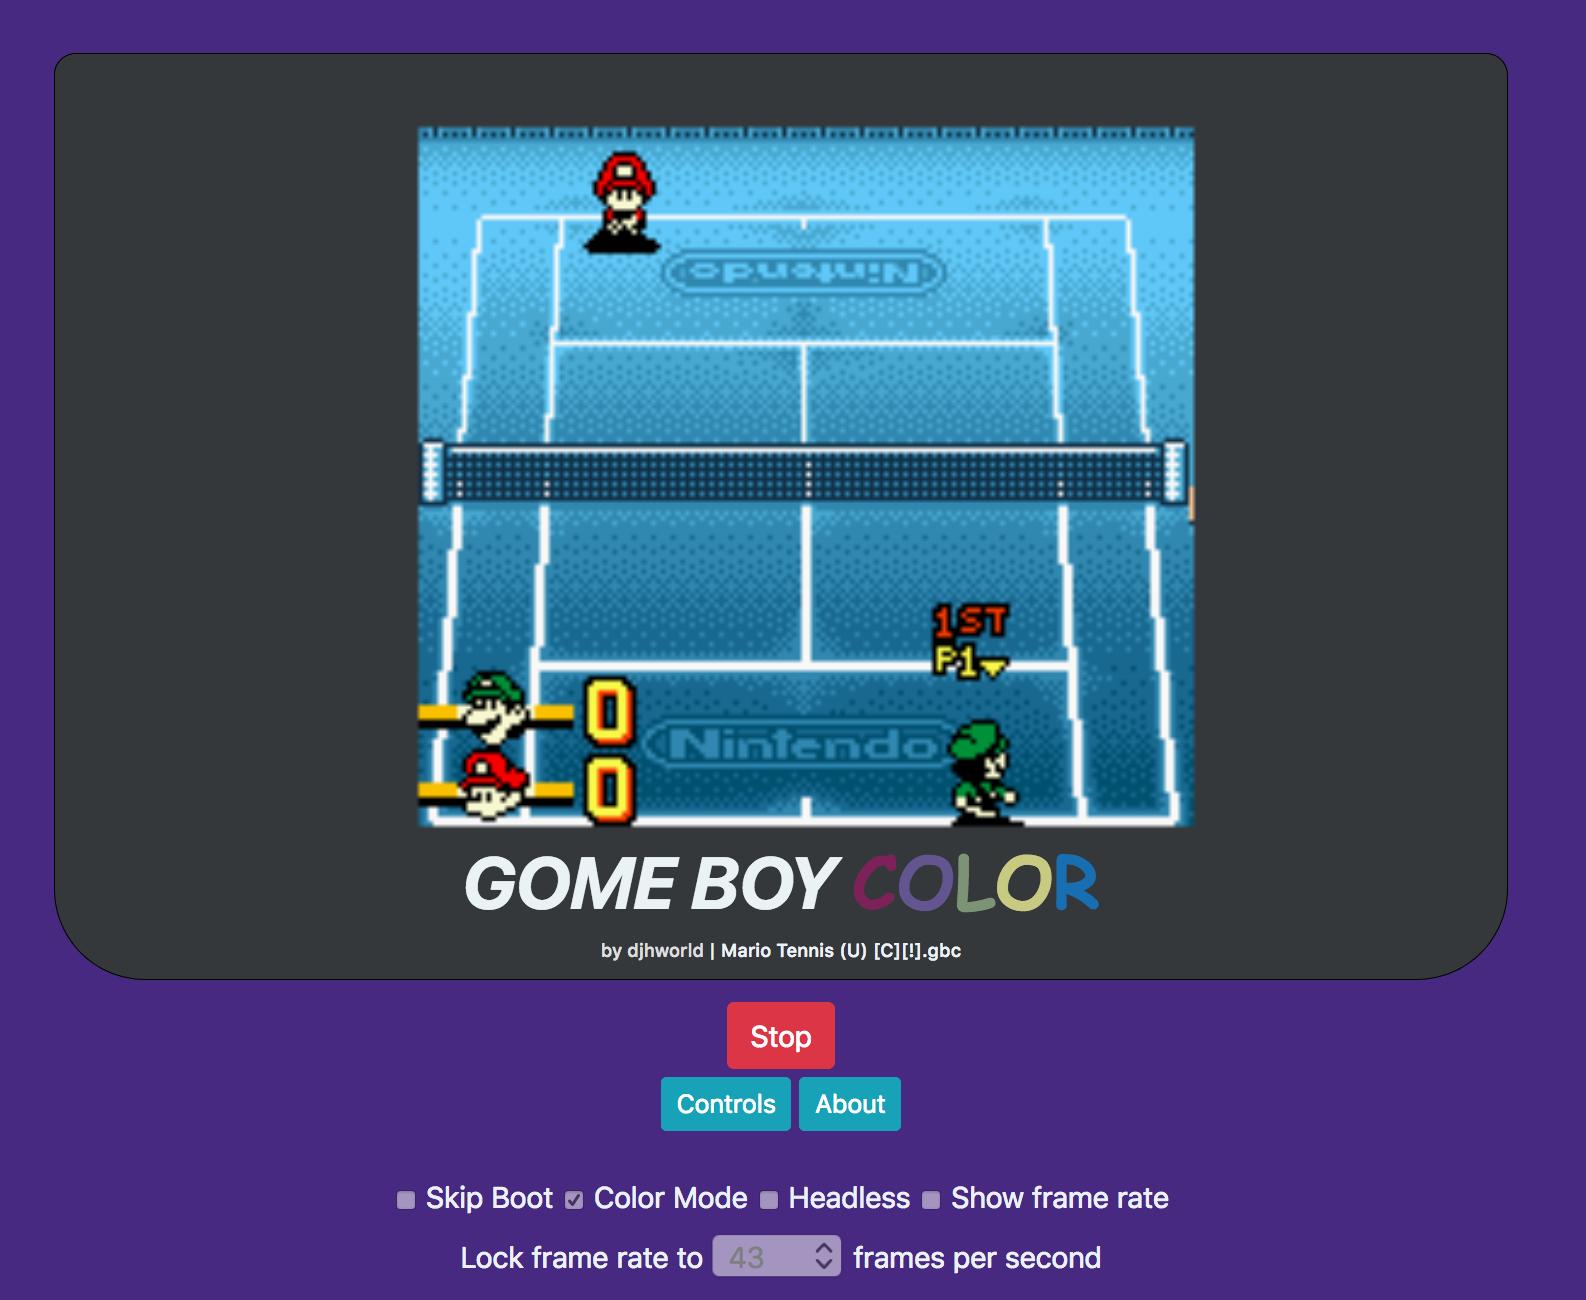 Mario tennis gameboy color rom | Mario Tennis N64  2019-02-27